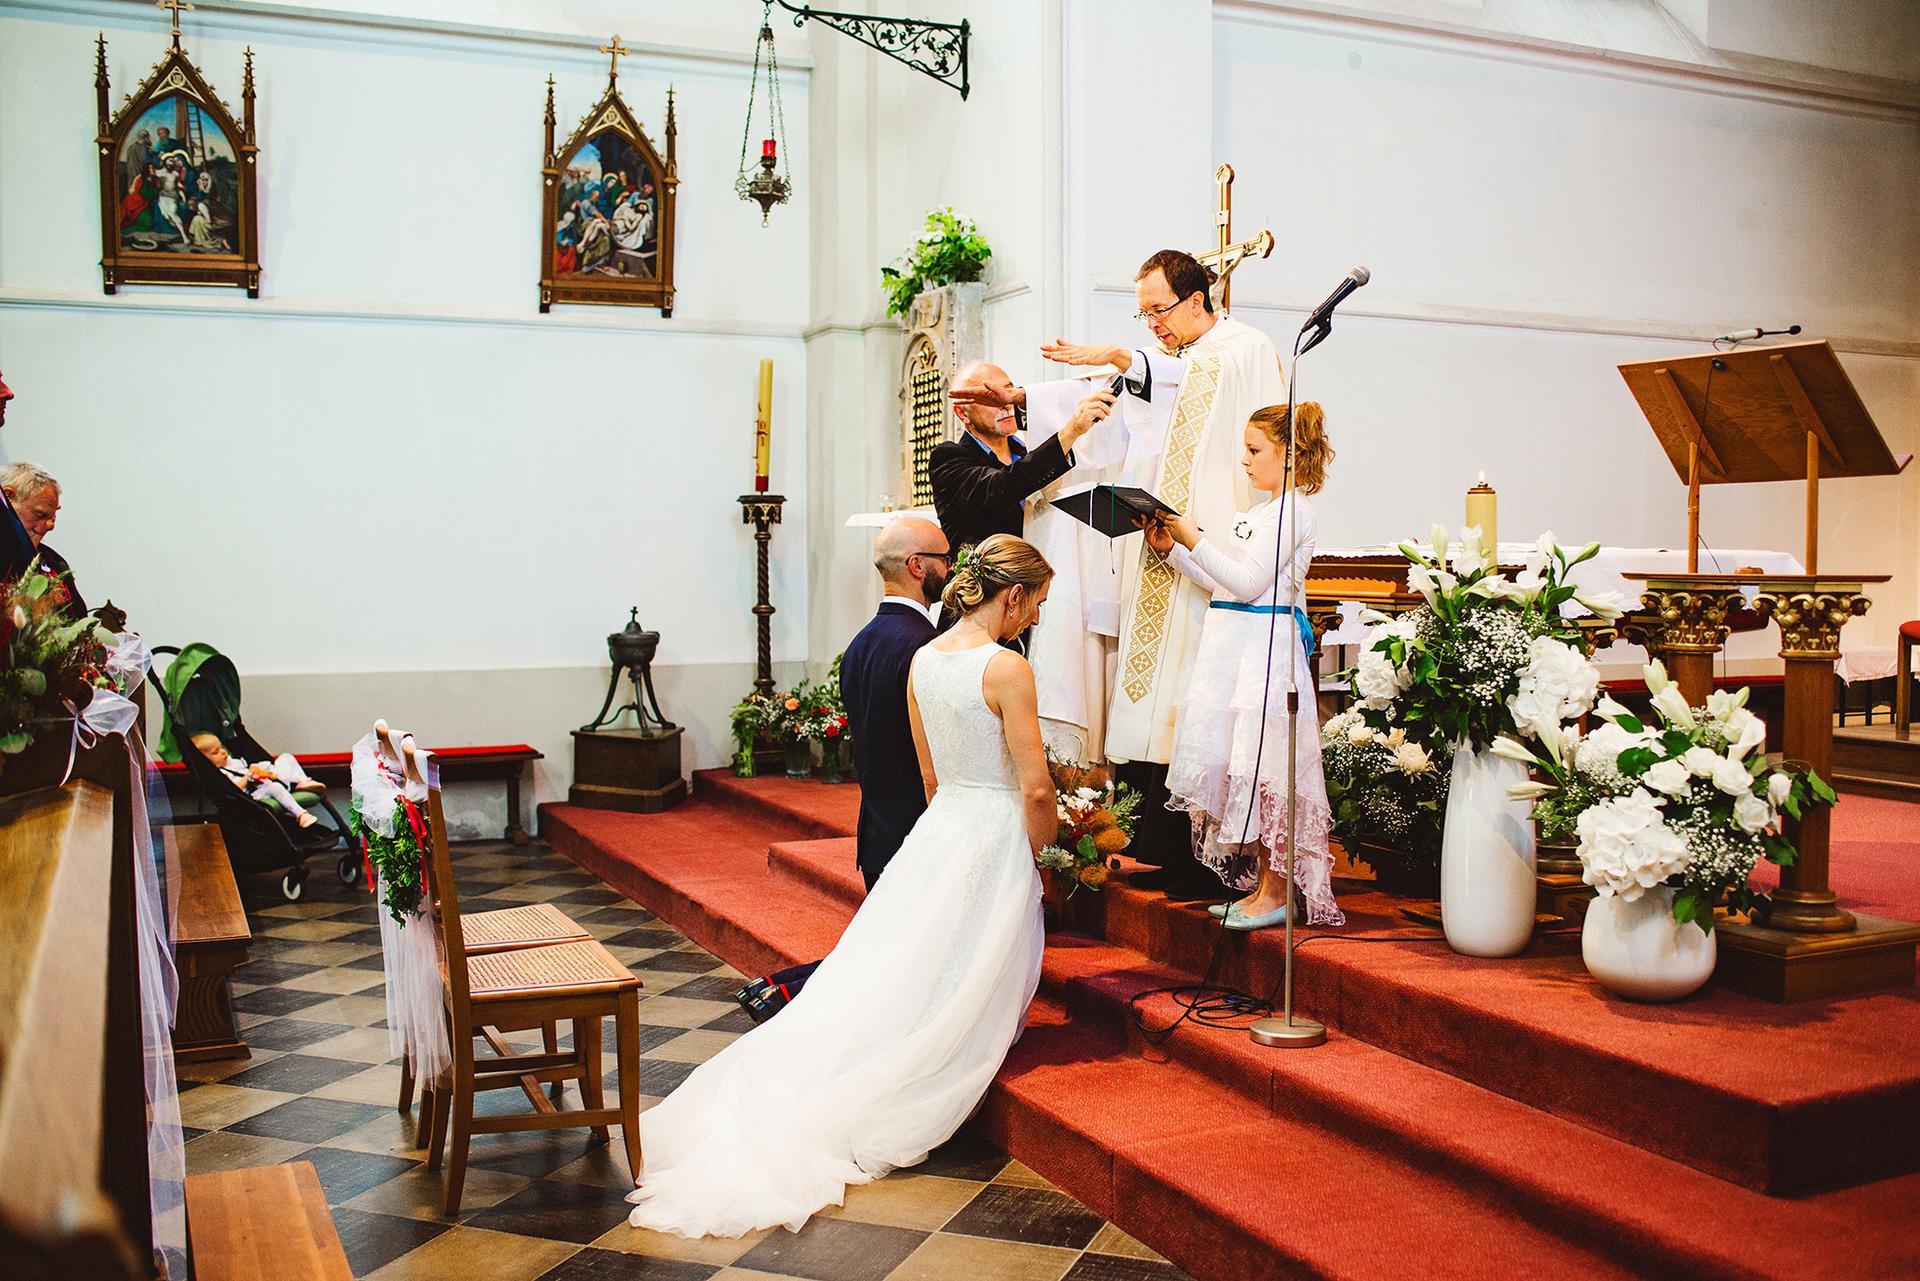 Svatba Praha 13 - Obrázek č. 6